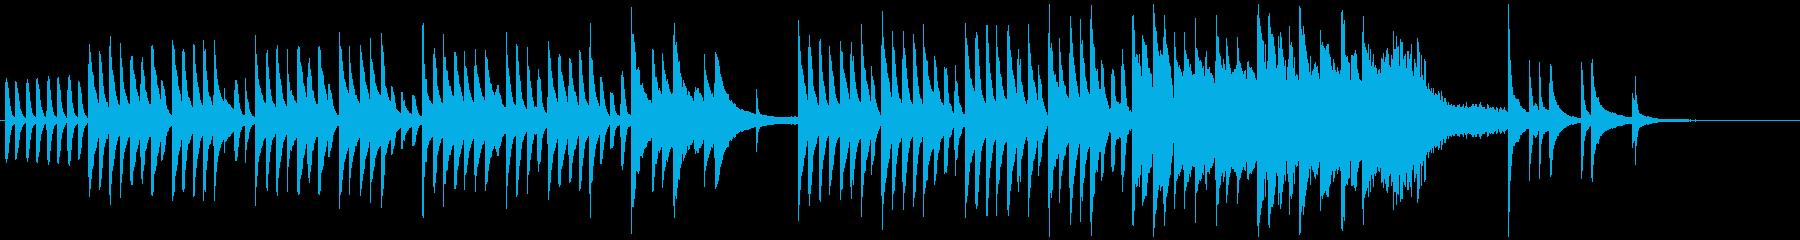 【ピアノ】料理・散歩・朝・日常の再生済みの波形